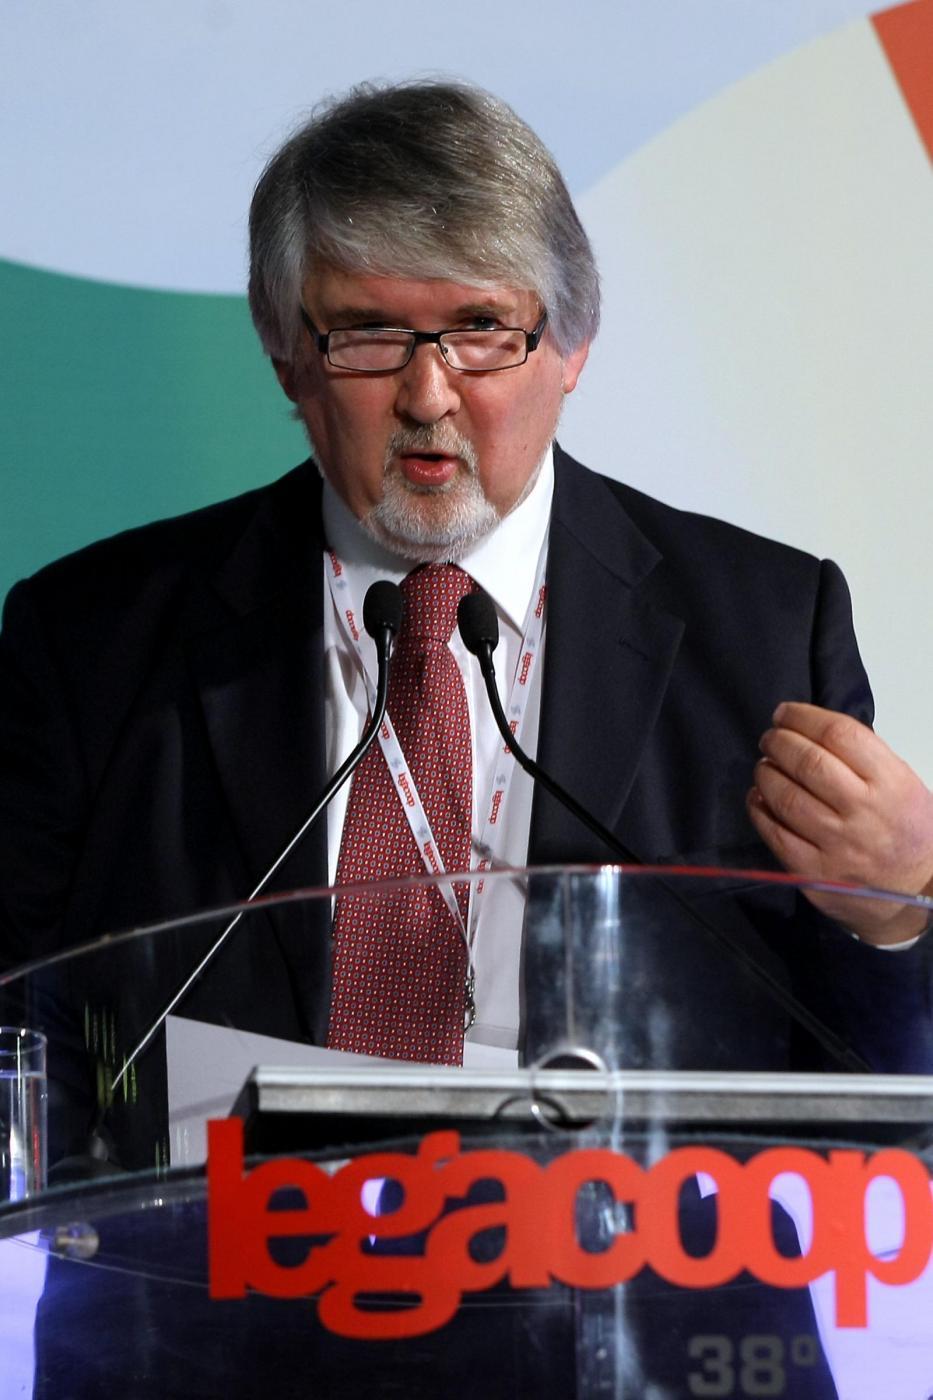 Governo Renzi I Nuovi Ministri Schede E Fotogallery Il Fatto